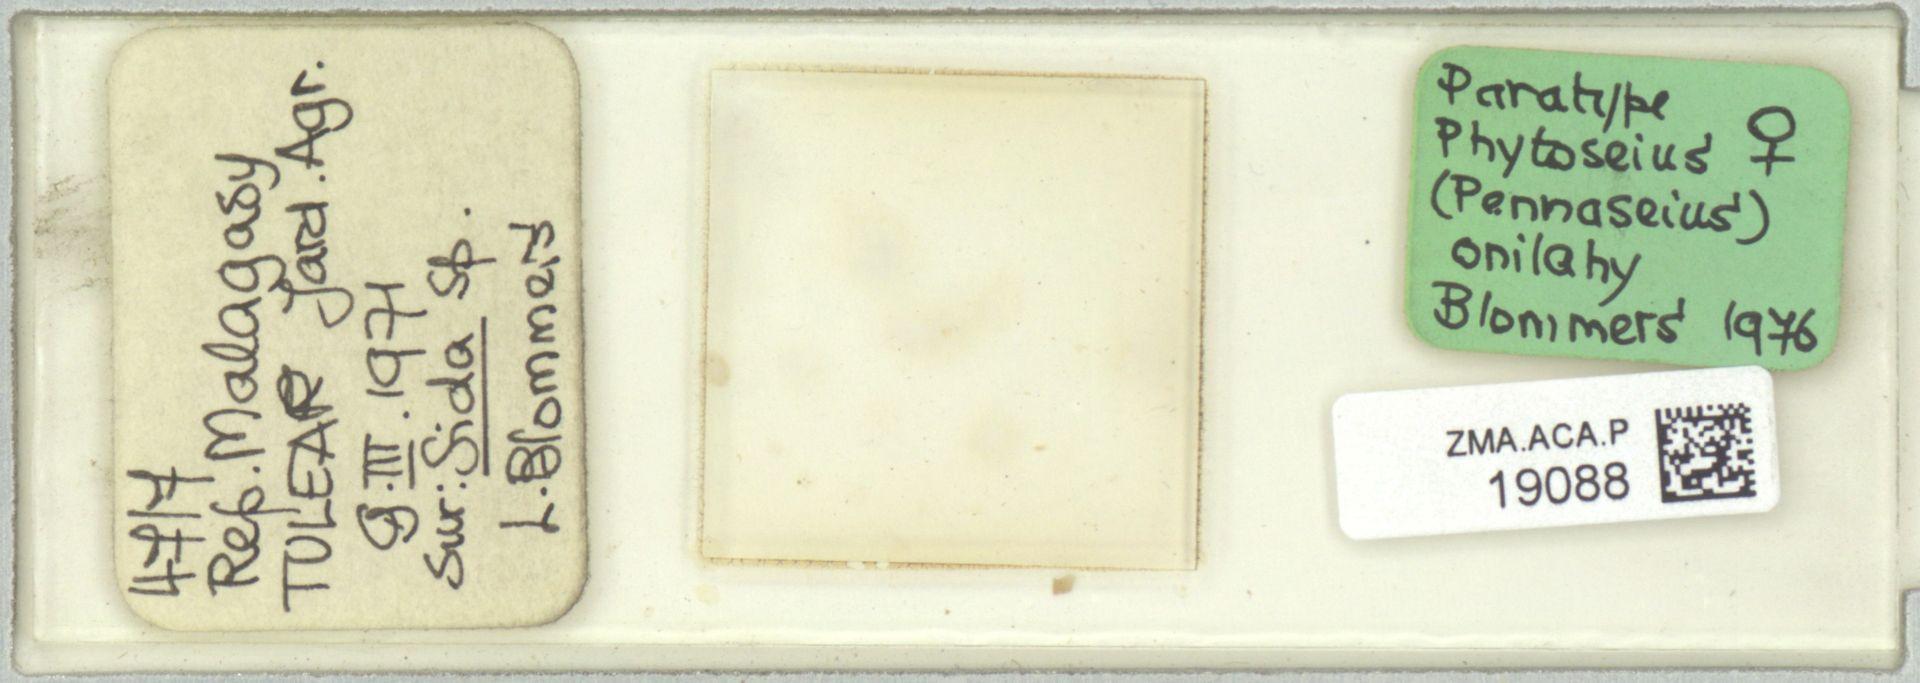 ZMA.ACA.P.19088 | Phytoseius (Pennaseius) onilahy Blommers, 1976